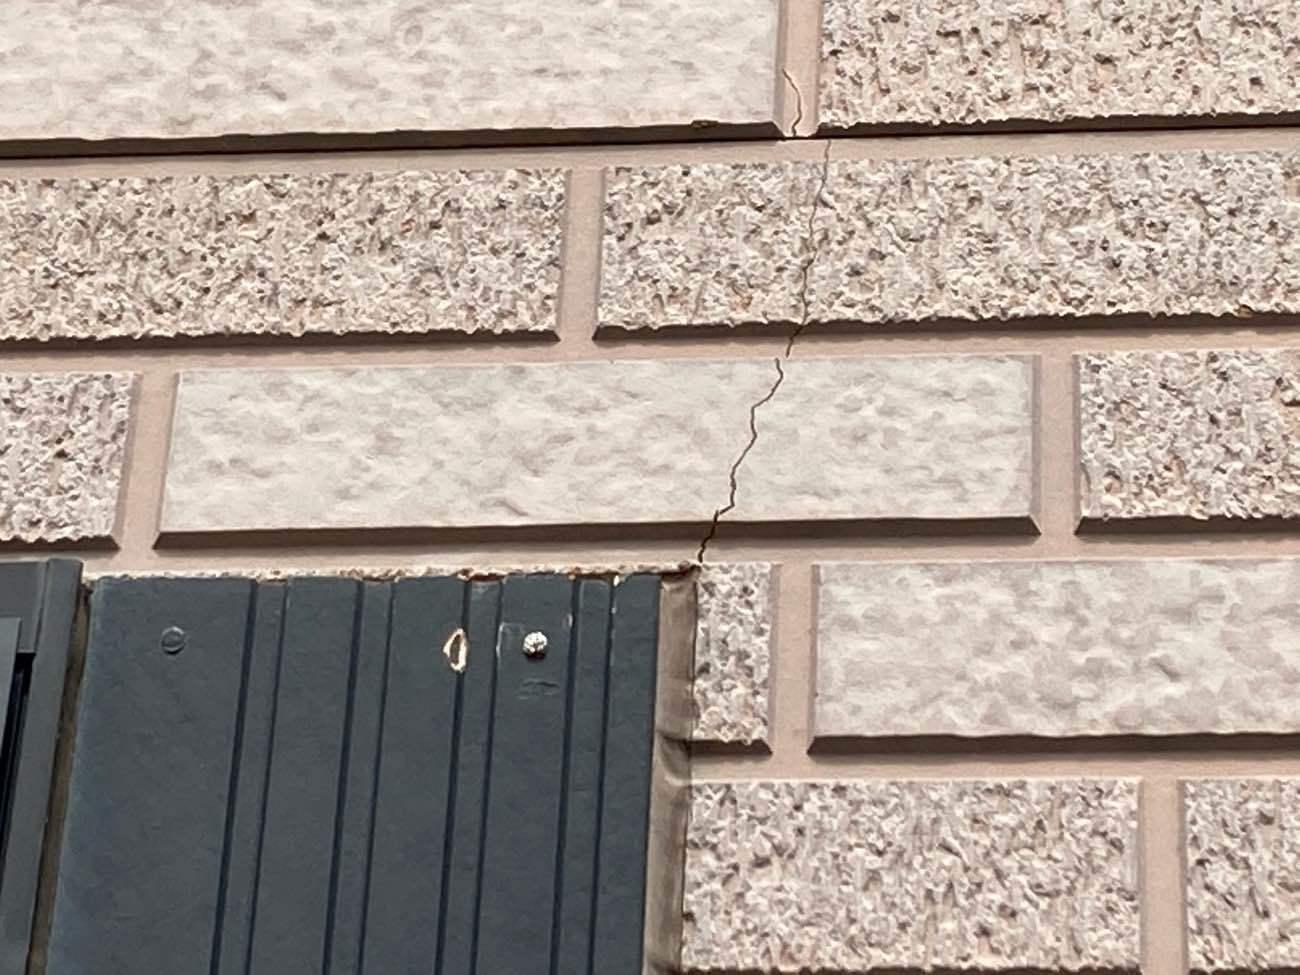 外壁のひび割れが起こる理由について紹介します!